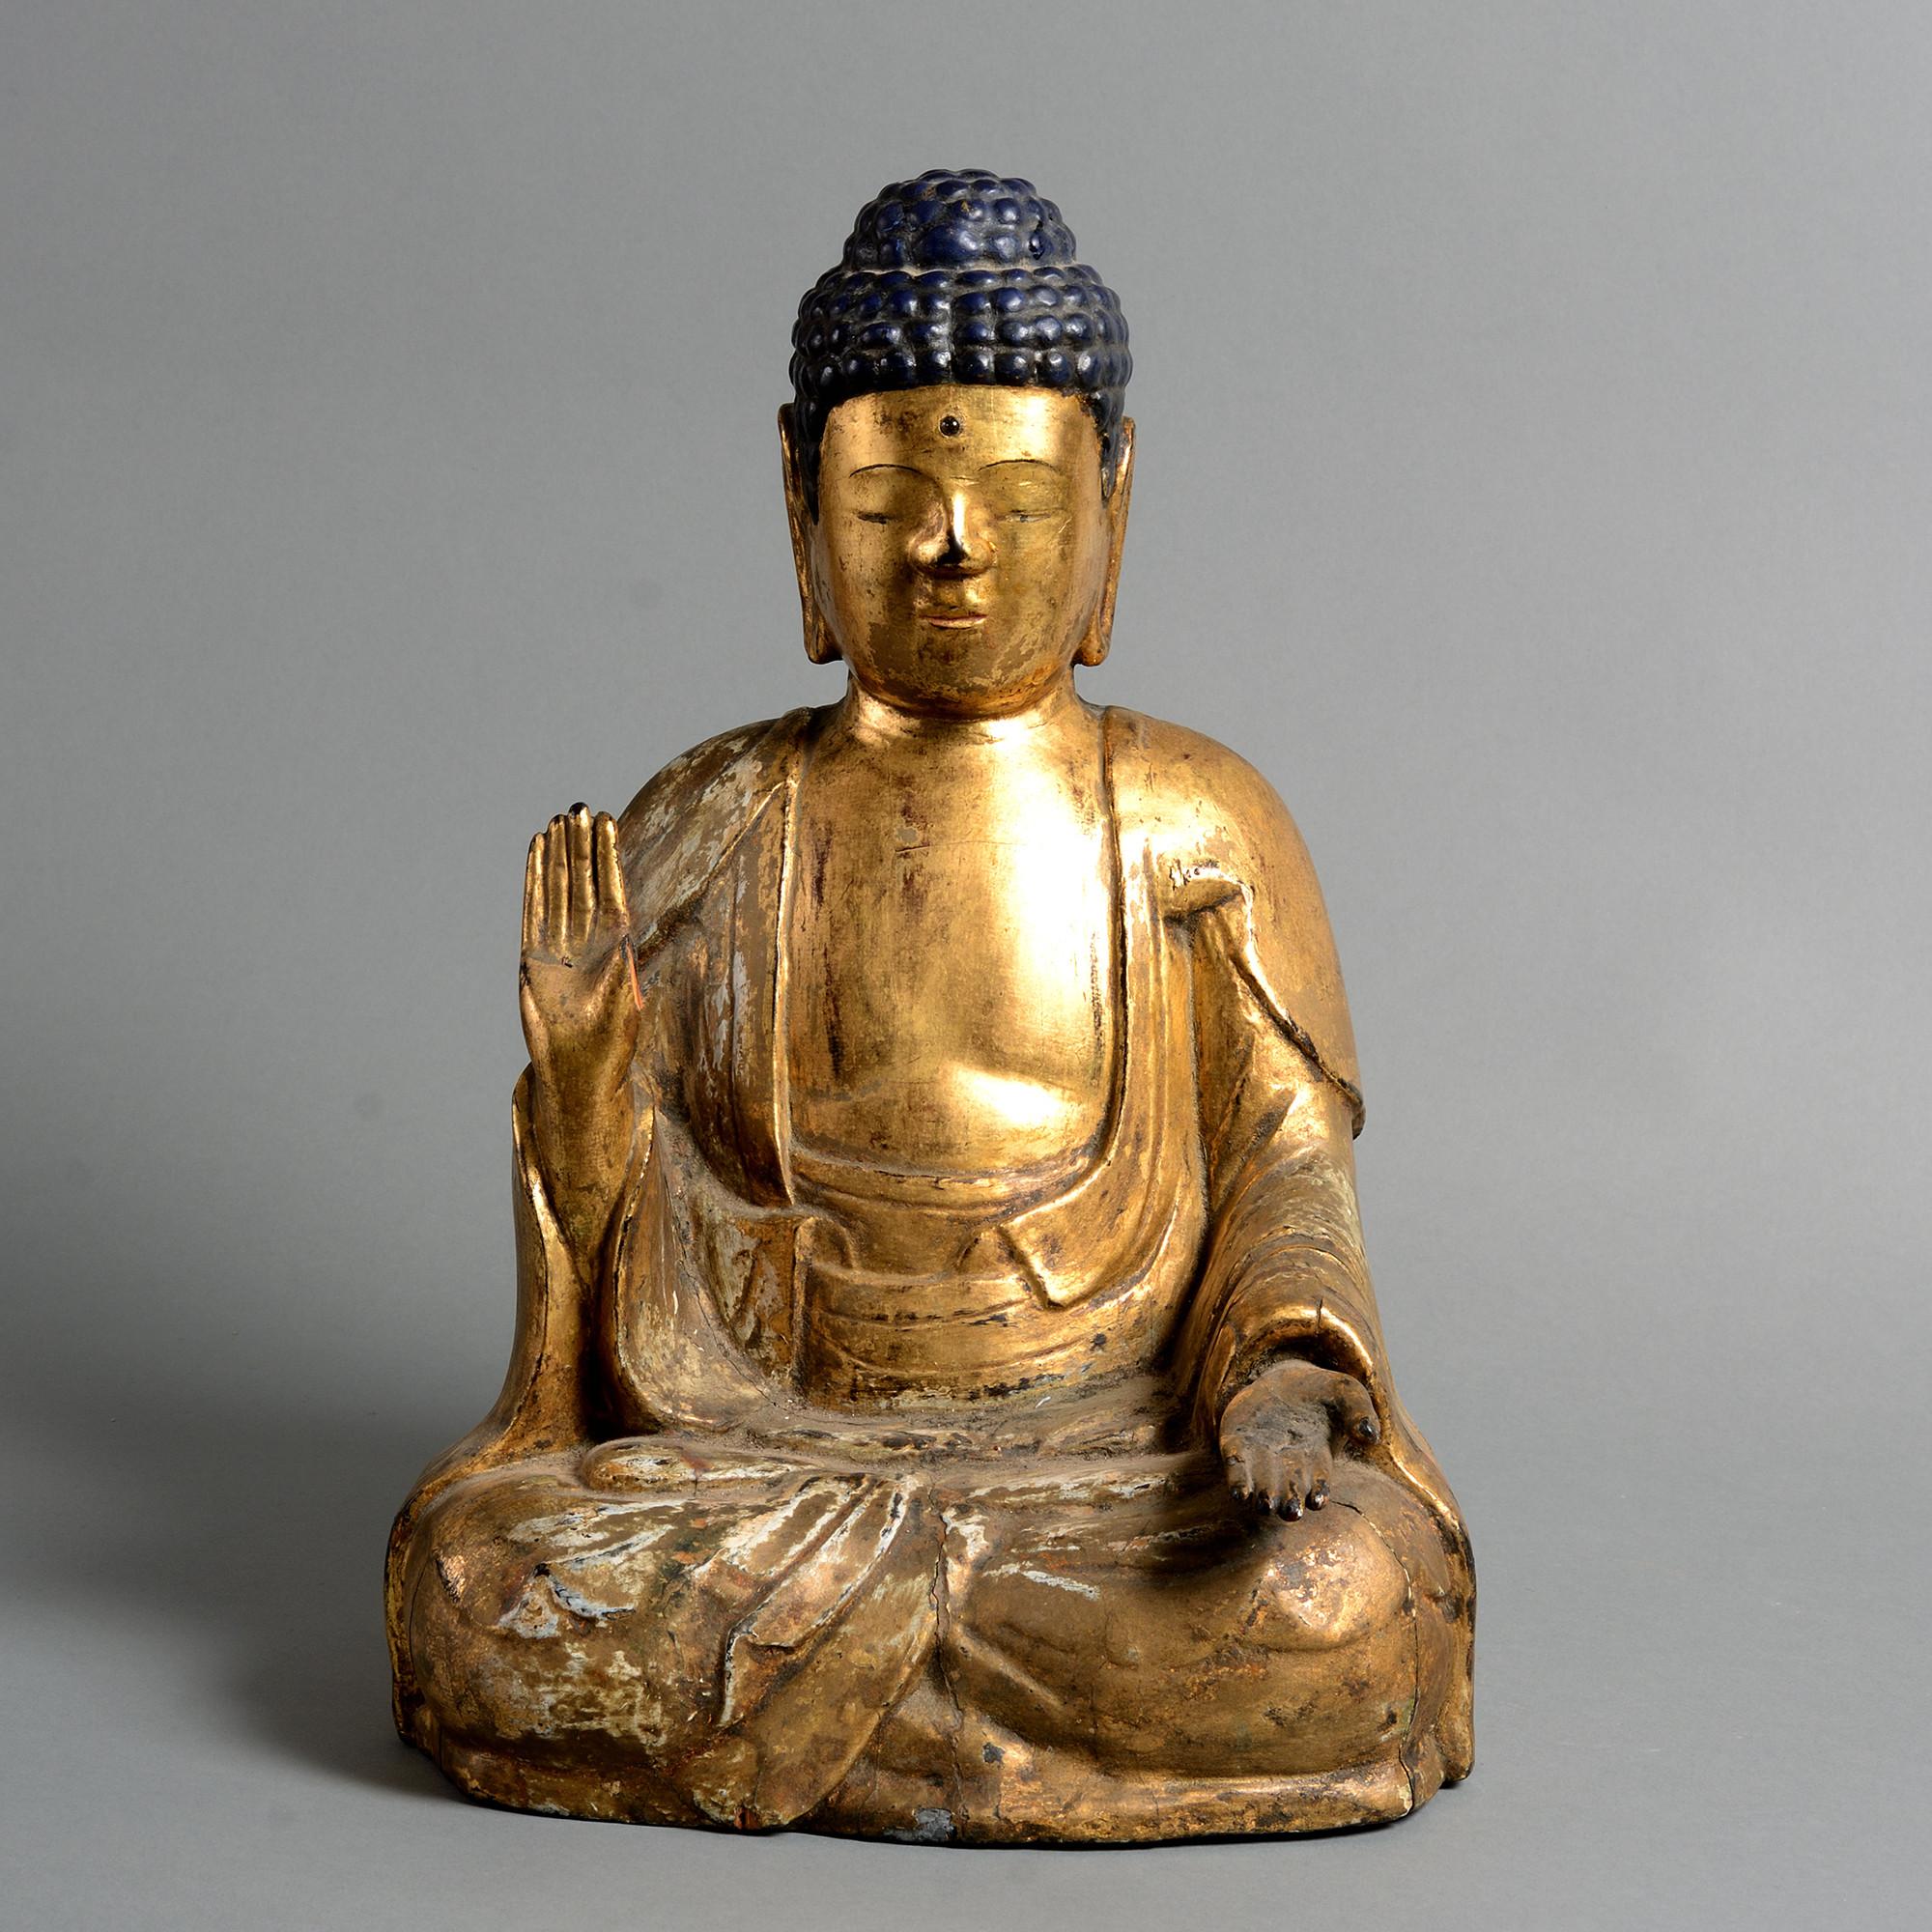 A 19th Century Giltwood Buddha